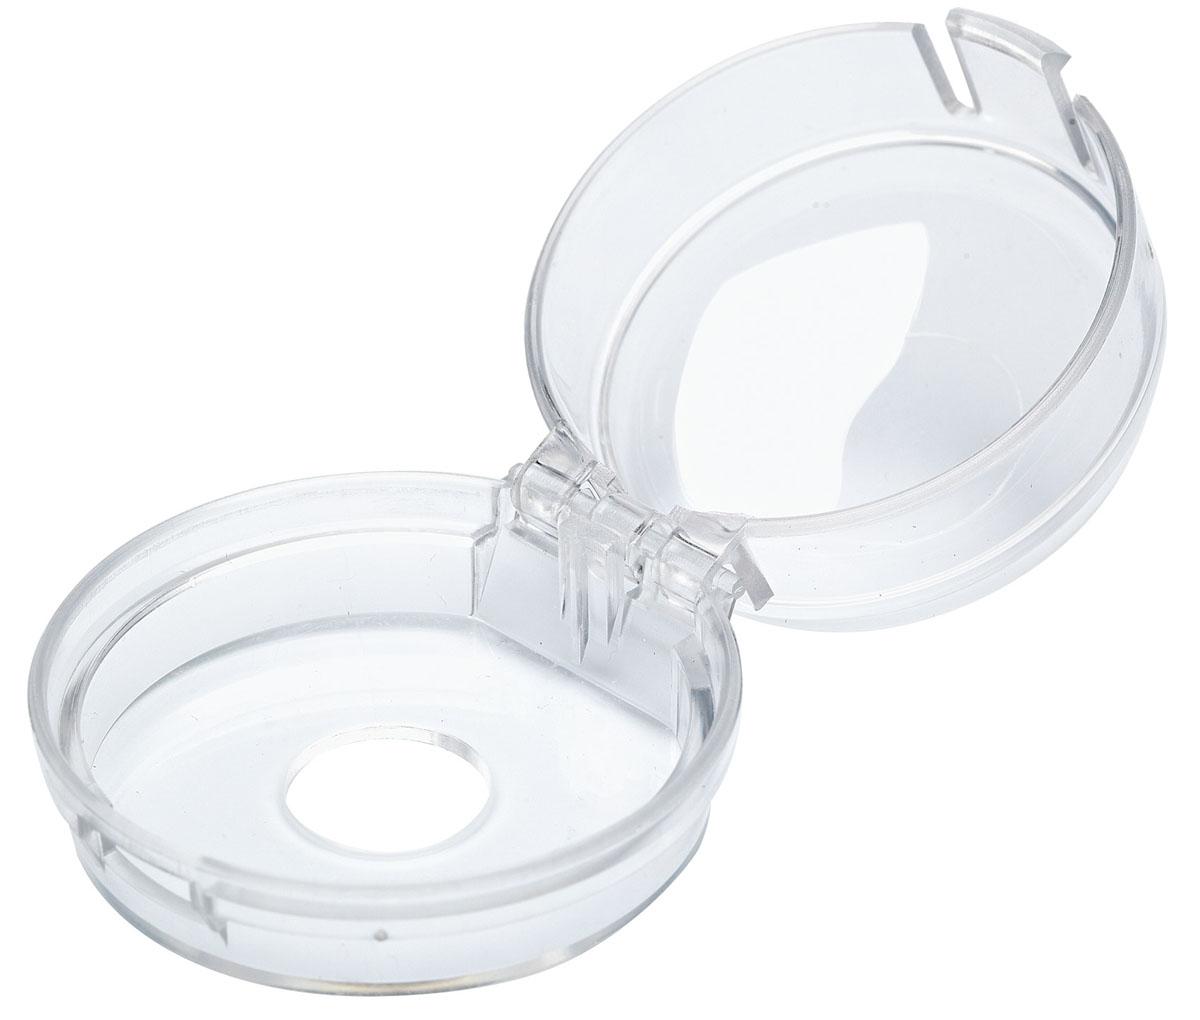 Пластиковые крышки для ручек газовой плиты, 2 шт